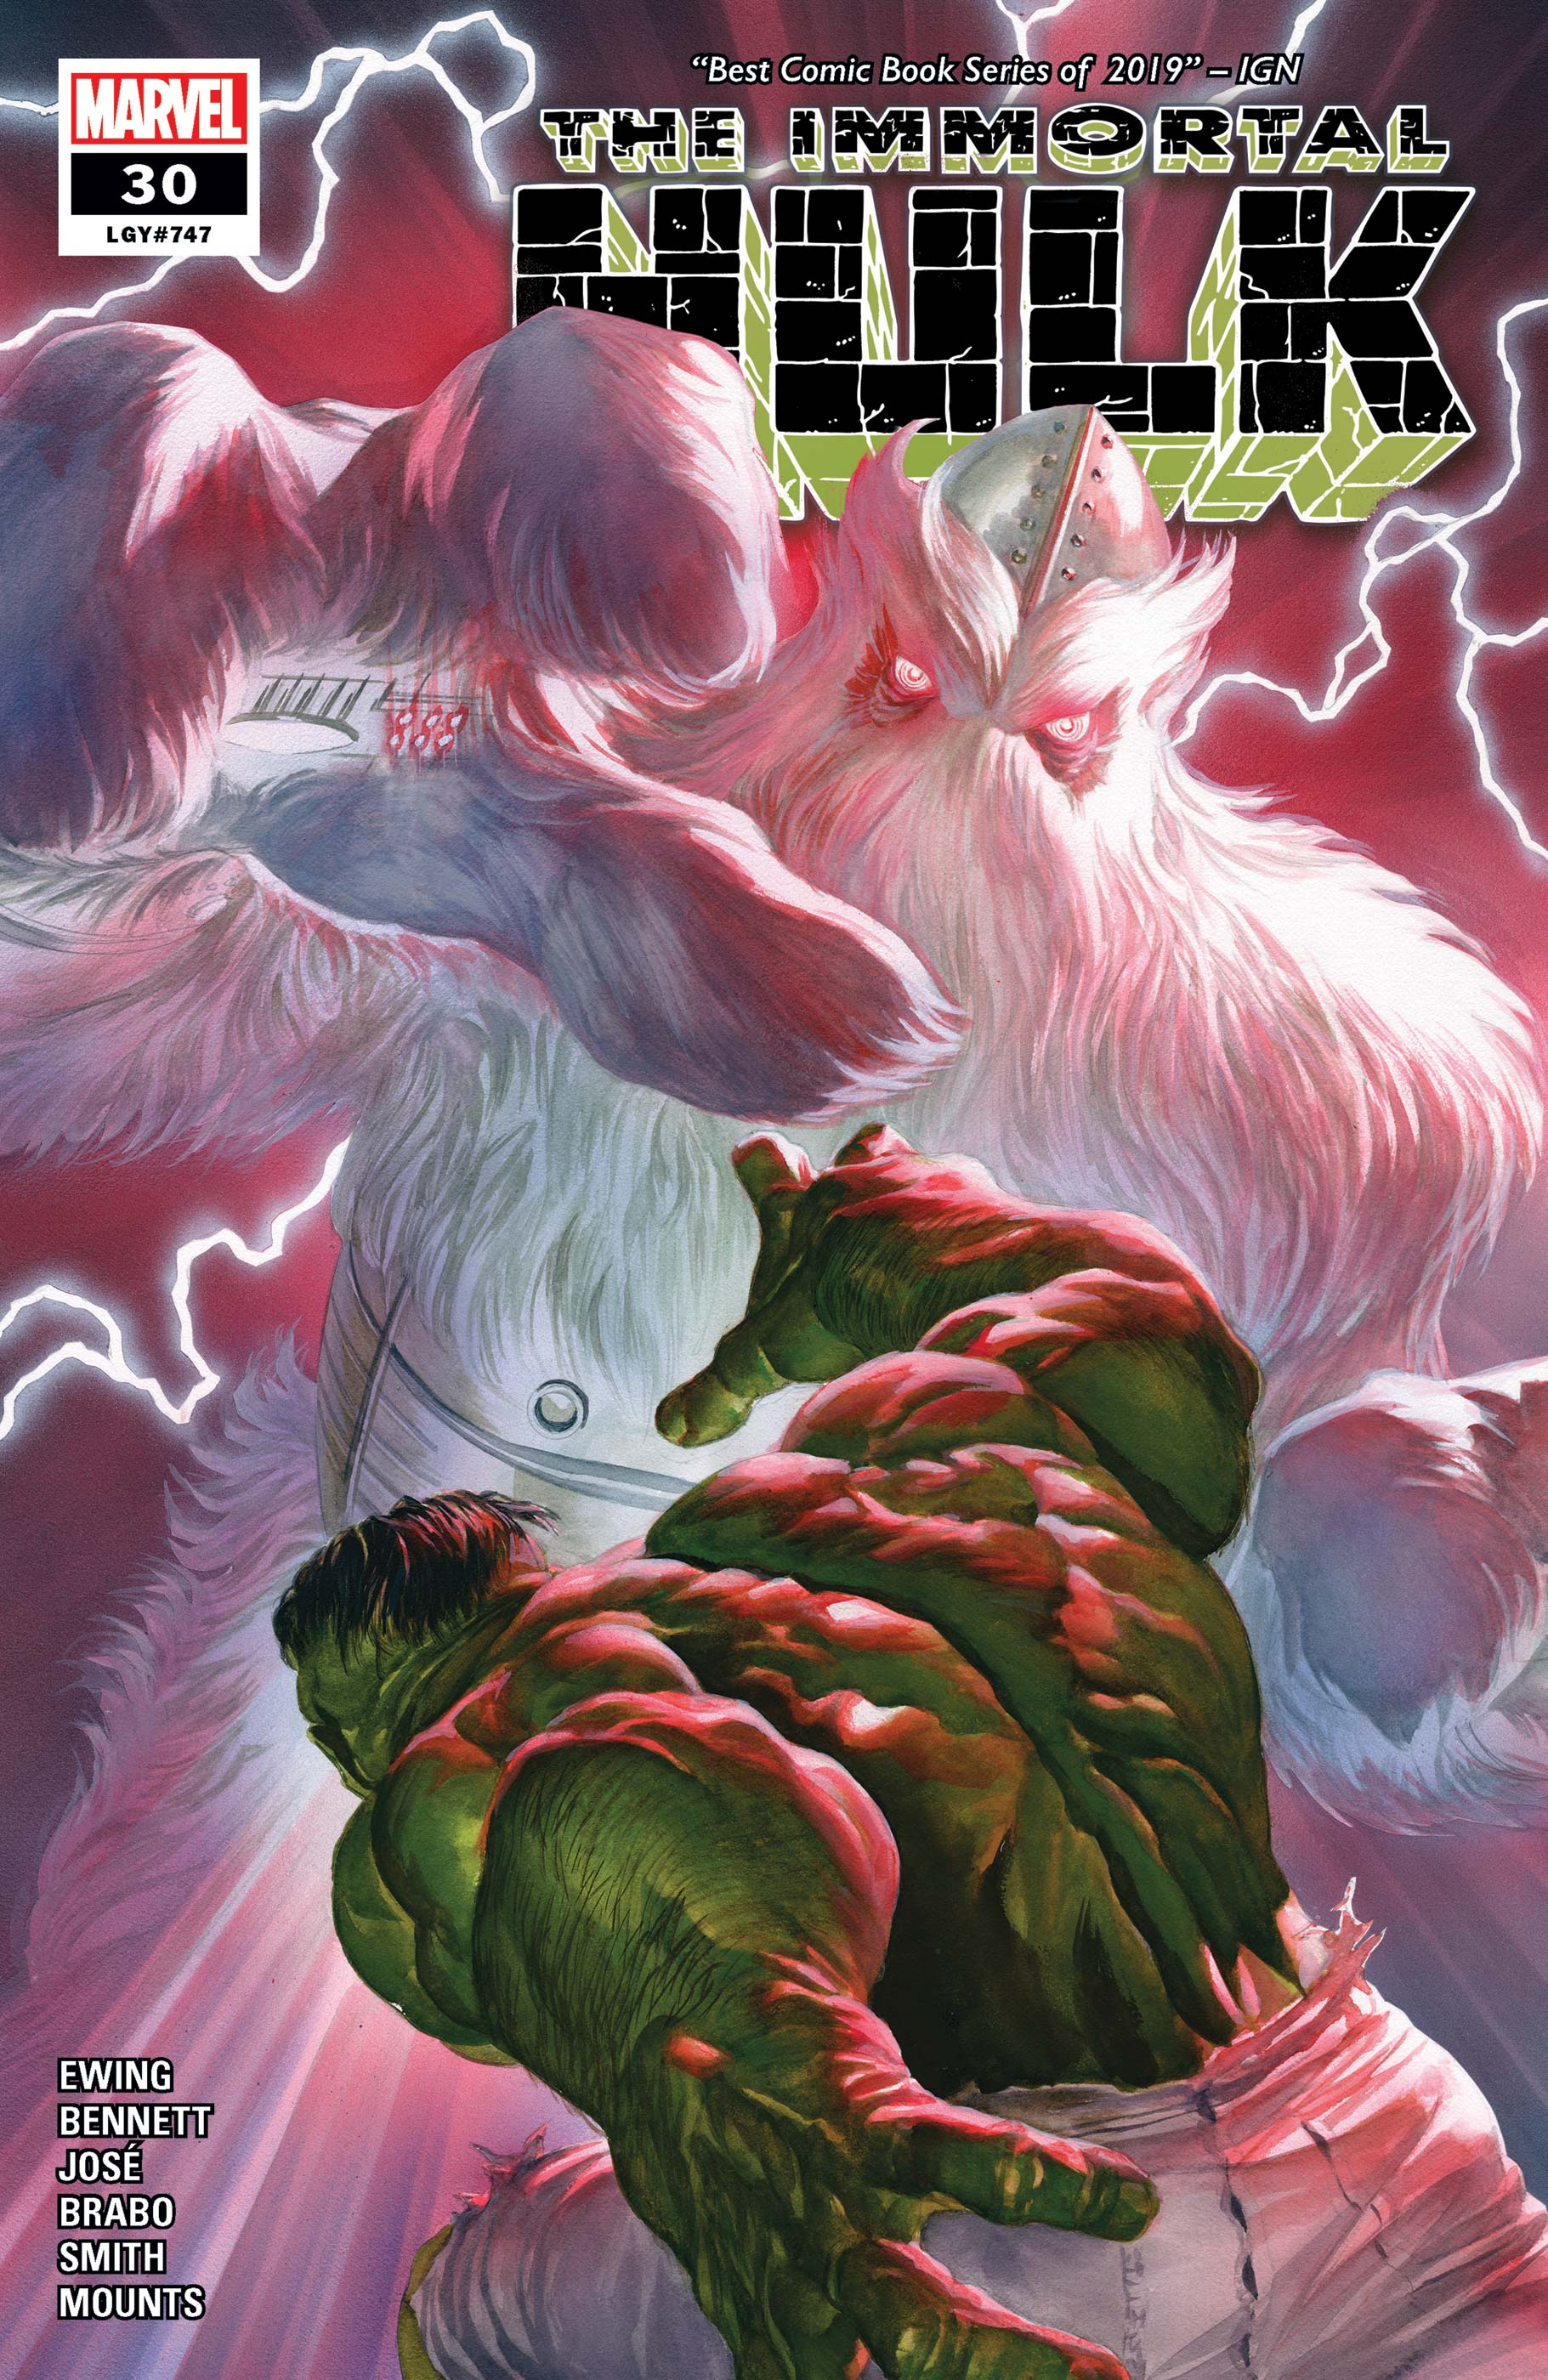 Immortal Hulk (2018) #30